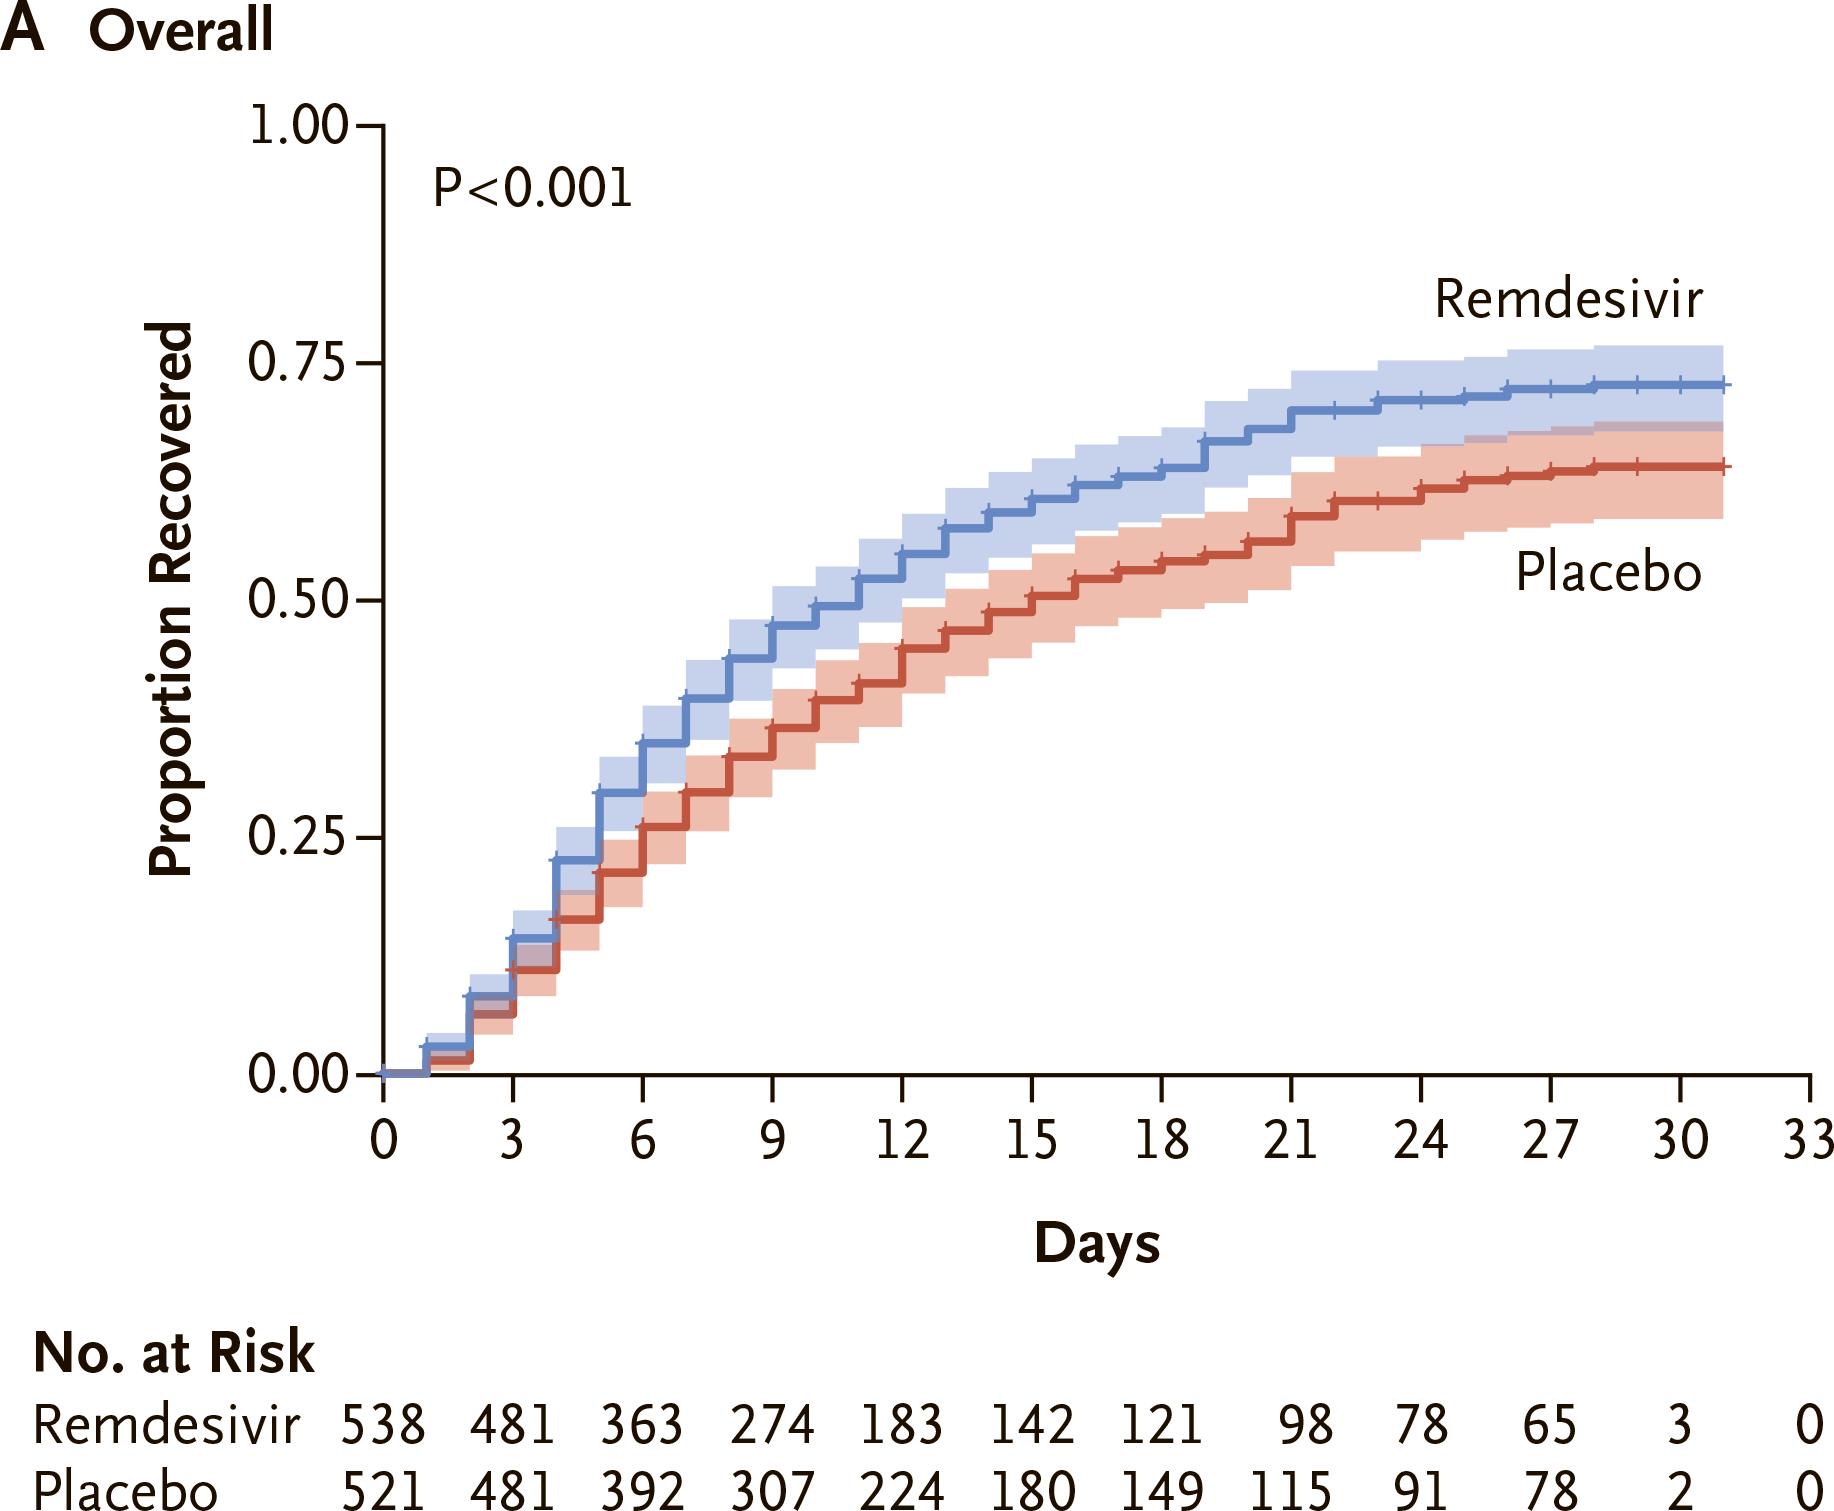 nct04280705 results 02 - Коронавирус. Лекарства. Ремдесивир ускорил выздоровление на треть